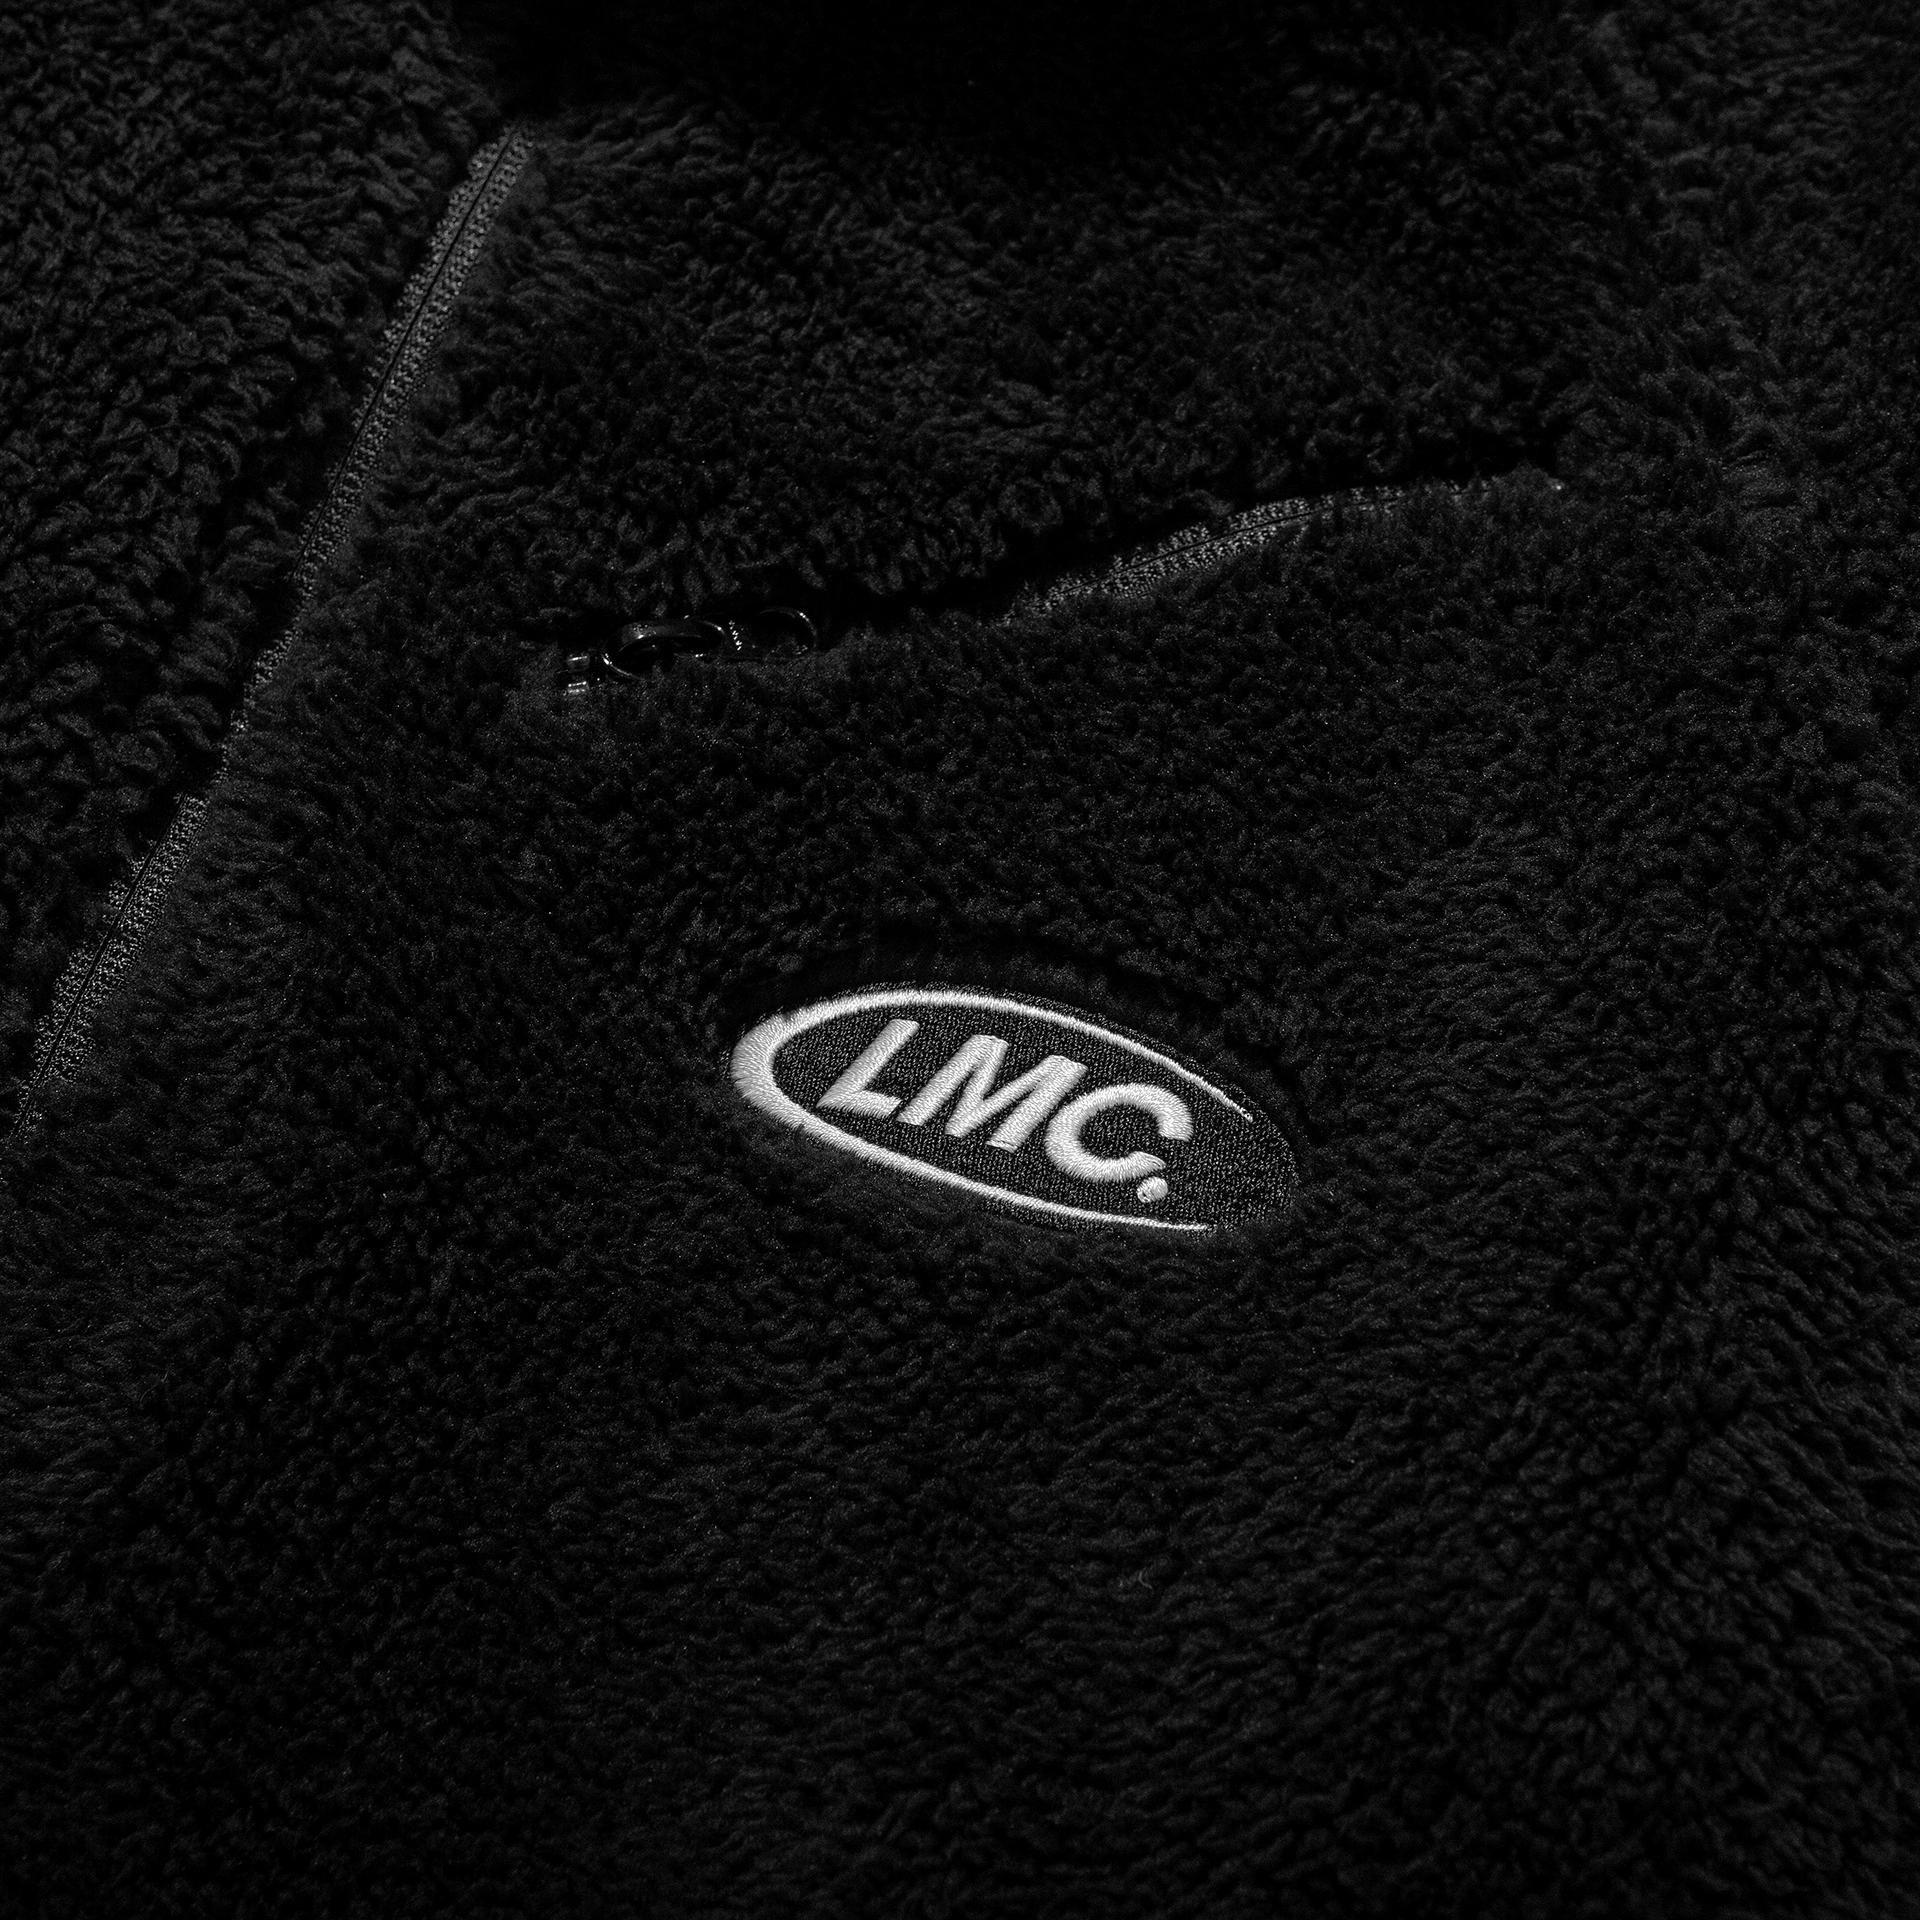 엘엠씨(LMC) LMC SILKY FLEECE REVERSIBLE JACKET black